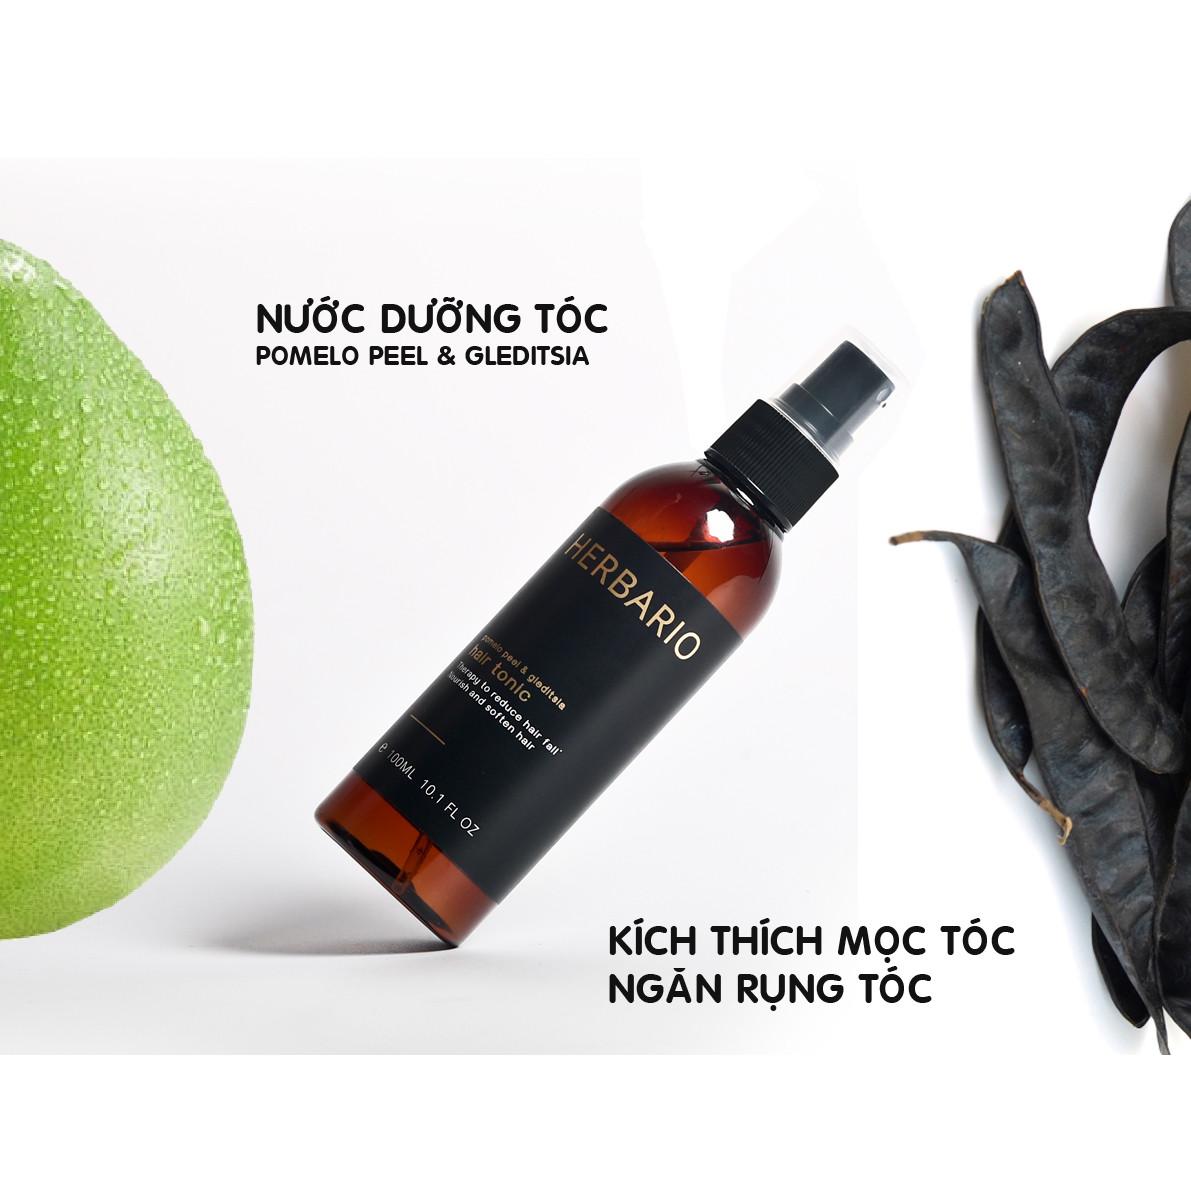 Nước dưỡng tóc Vỏ Bưởi & Bồ Kết Herbario 100ml (pomelo peel & gleditsia hair tonic) giúp giảm rụng tóc kích thích mọc tóc nhanh